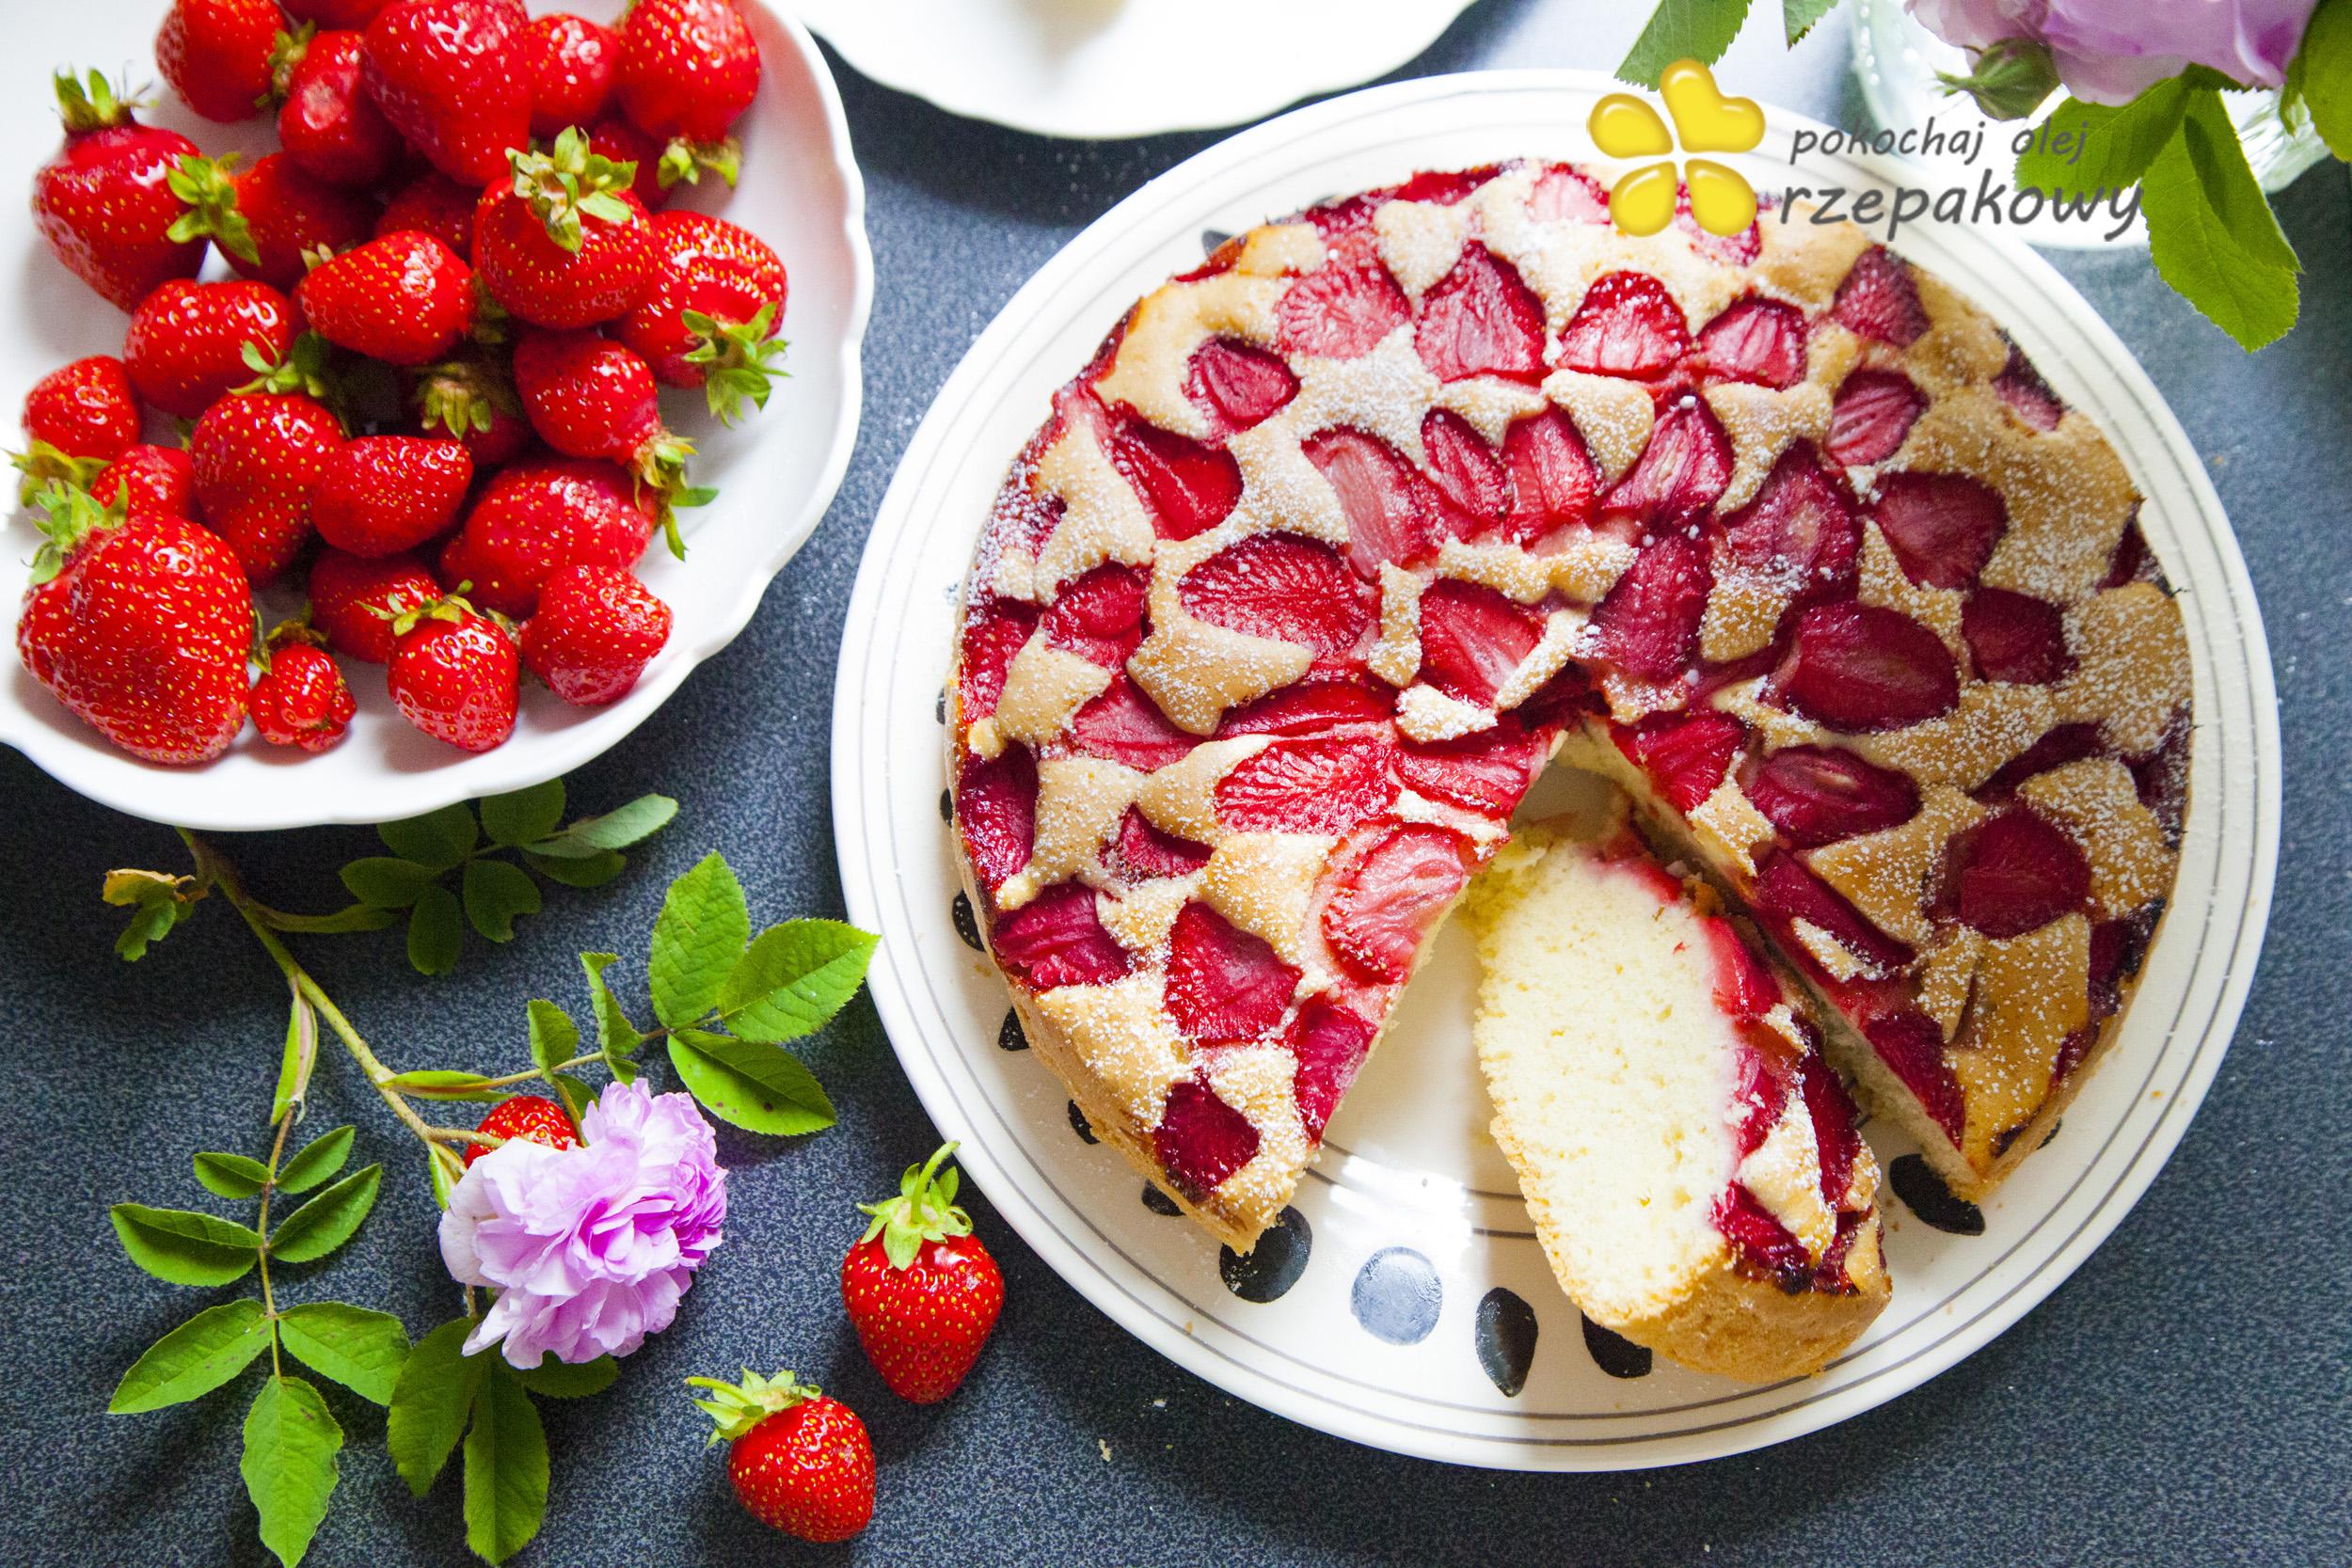 Ciasto z truskawkami na oleju. Pokochaj olej rzepakowy